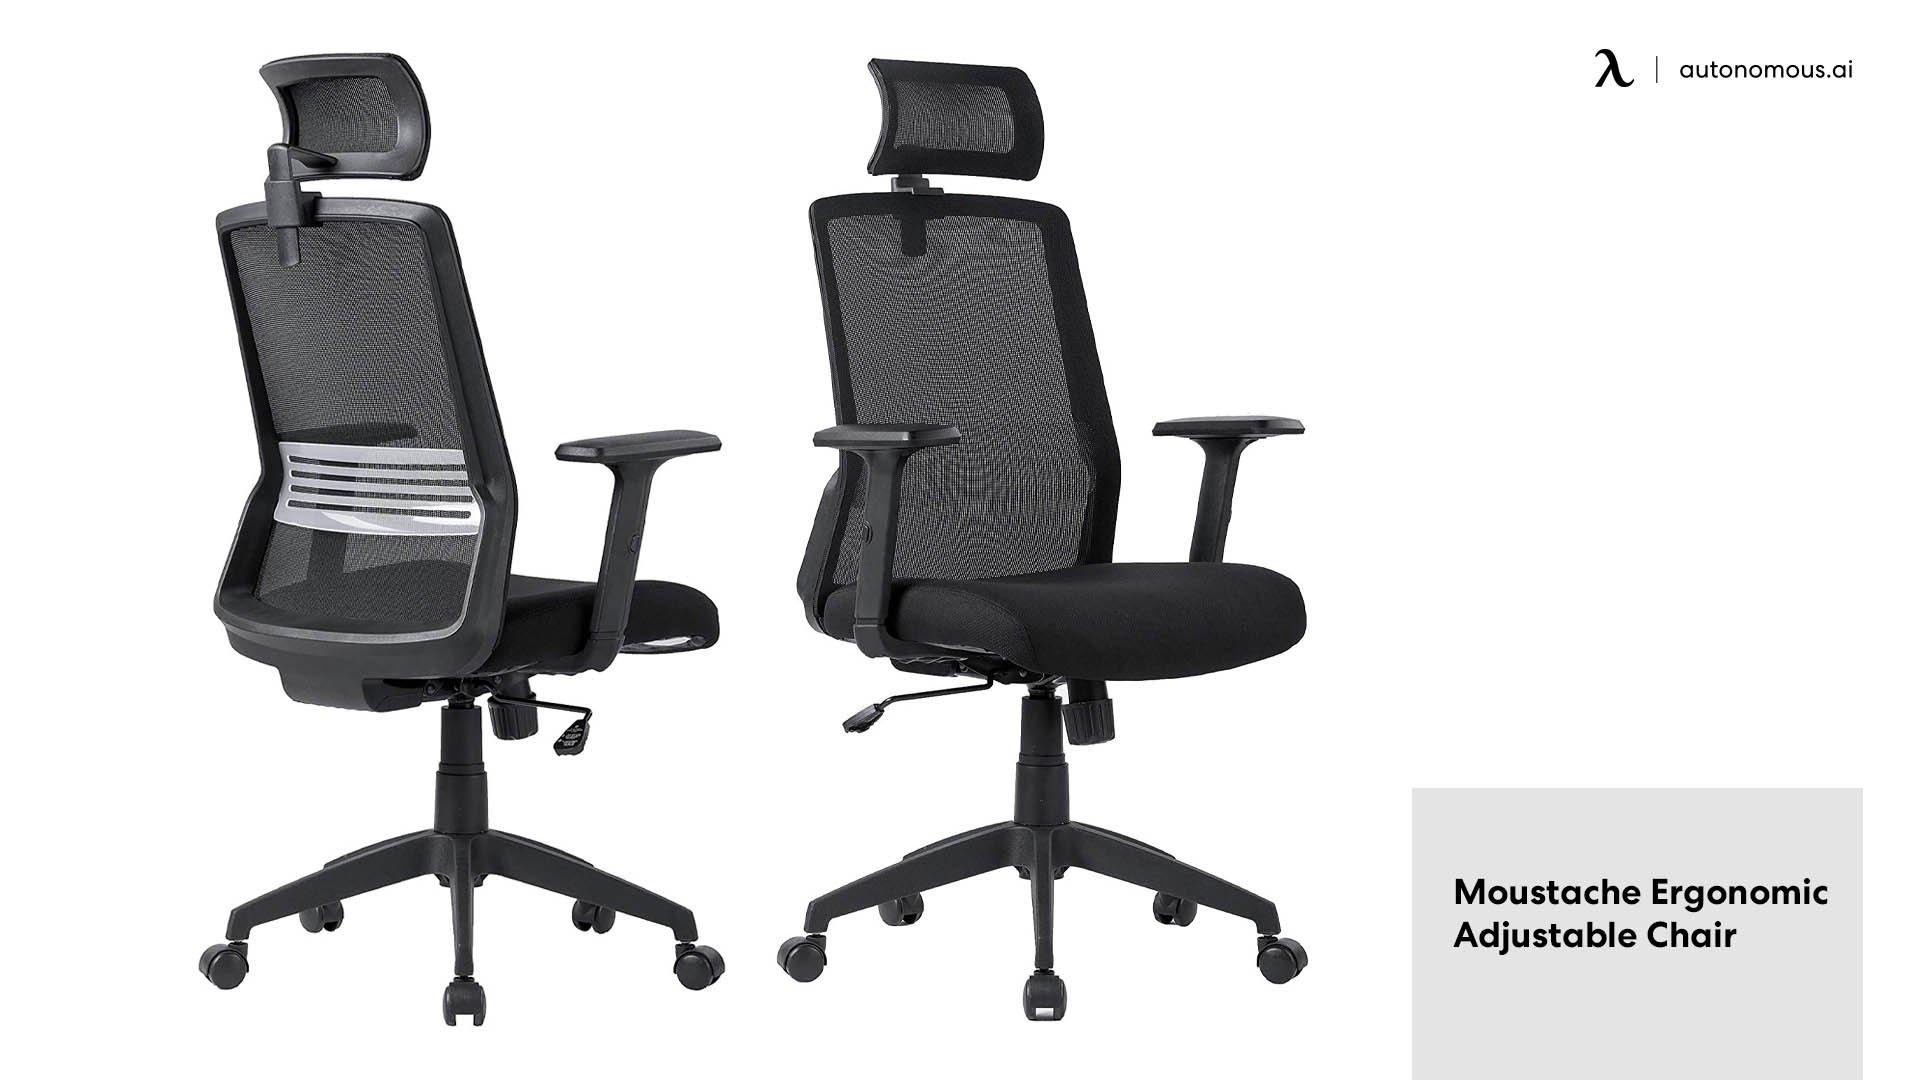 Moustache Ergonomic Adjustable Chair